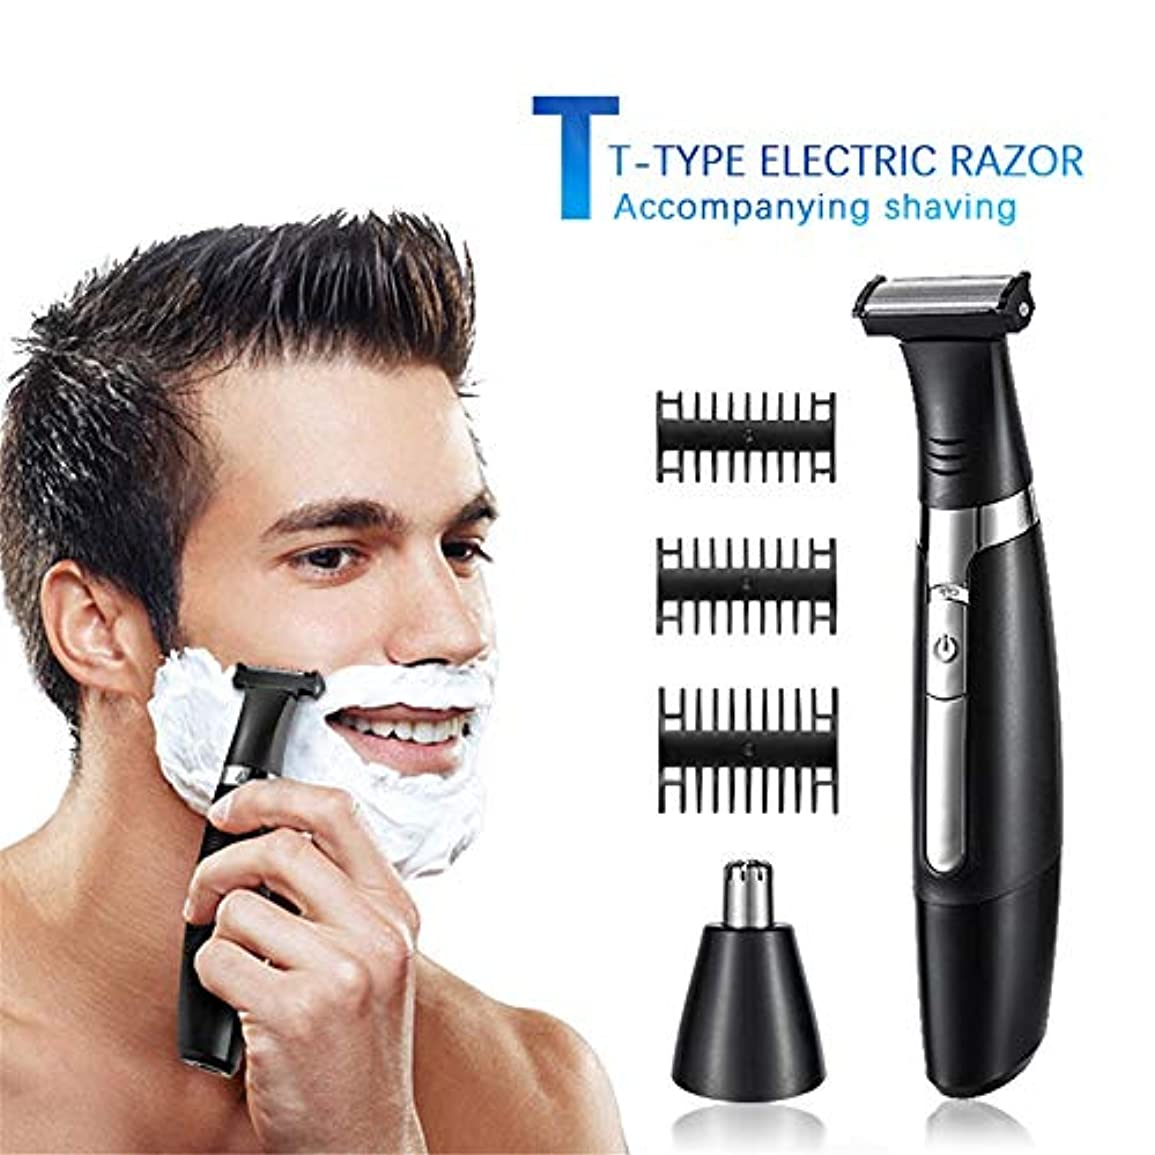 近代化ジャンプ虫1バリカンシェーバーでヒゲトリマー男性、鼻毛トリマー、2、USB充電式グルーミングキット、全身洗える、急速充電